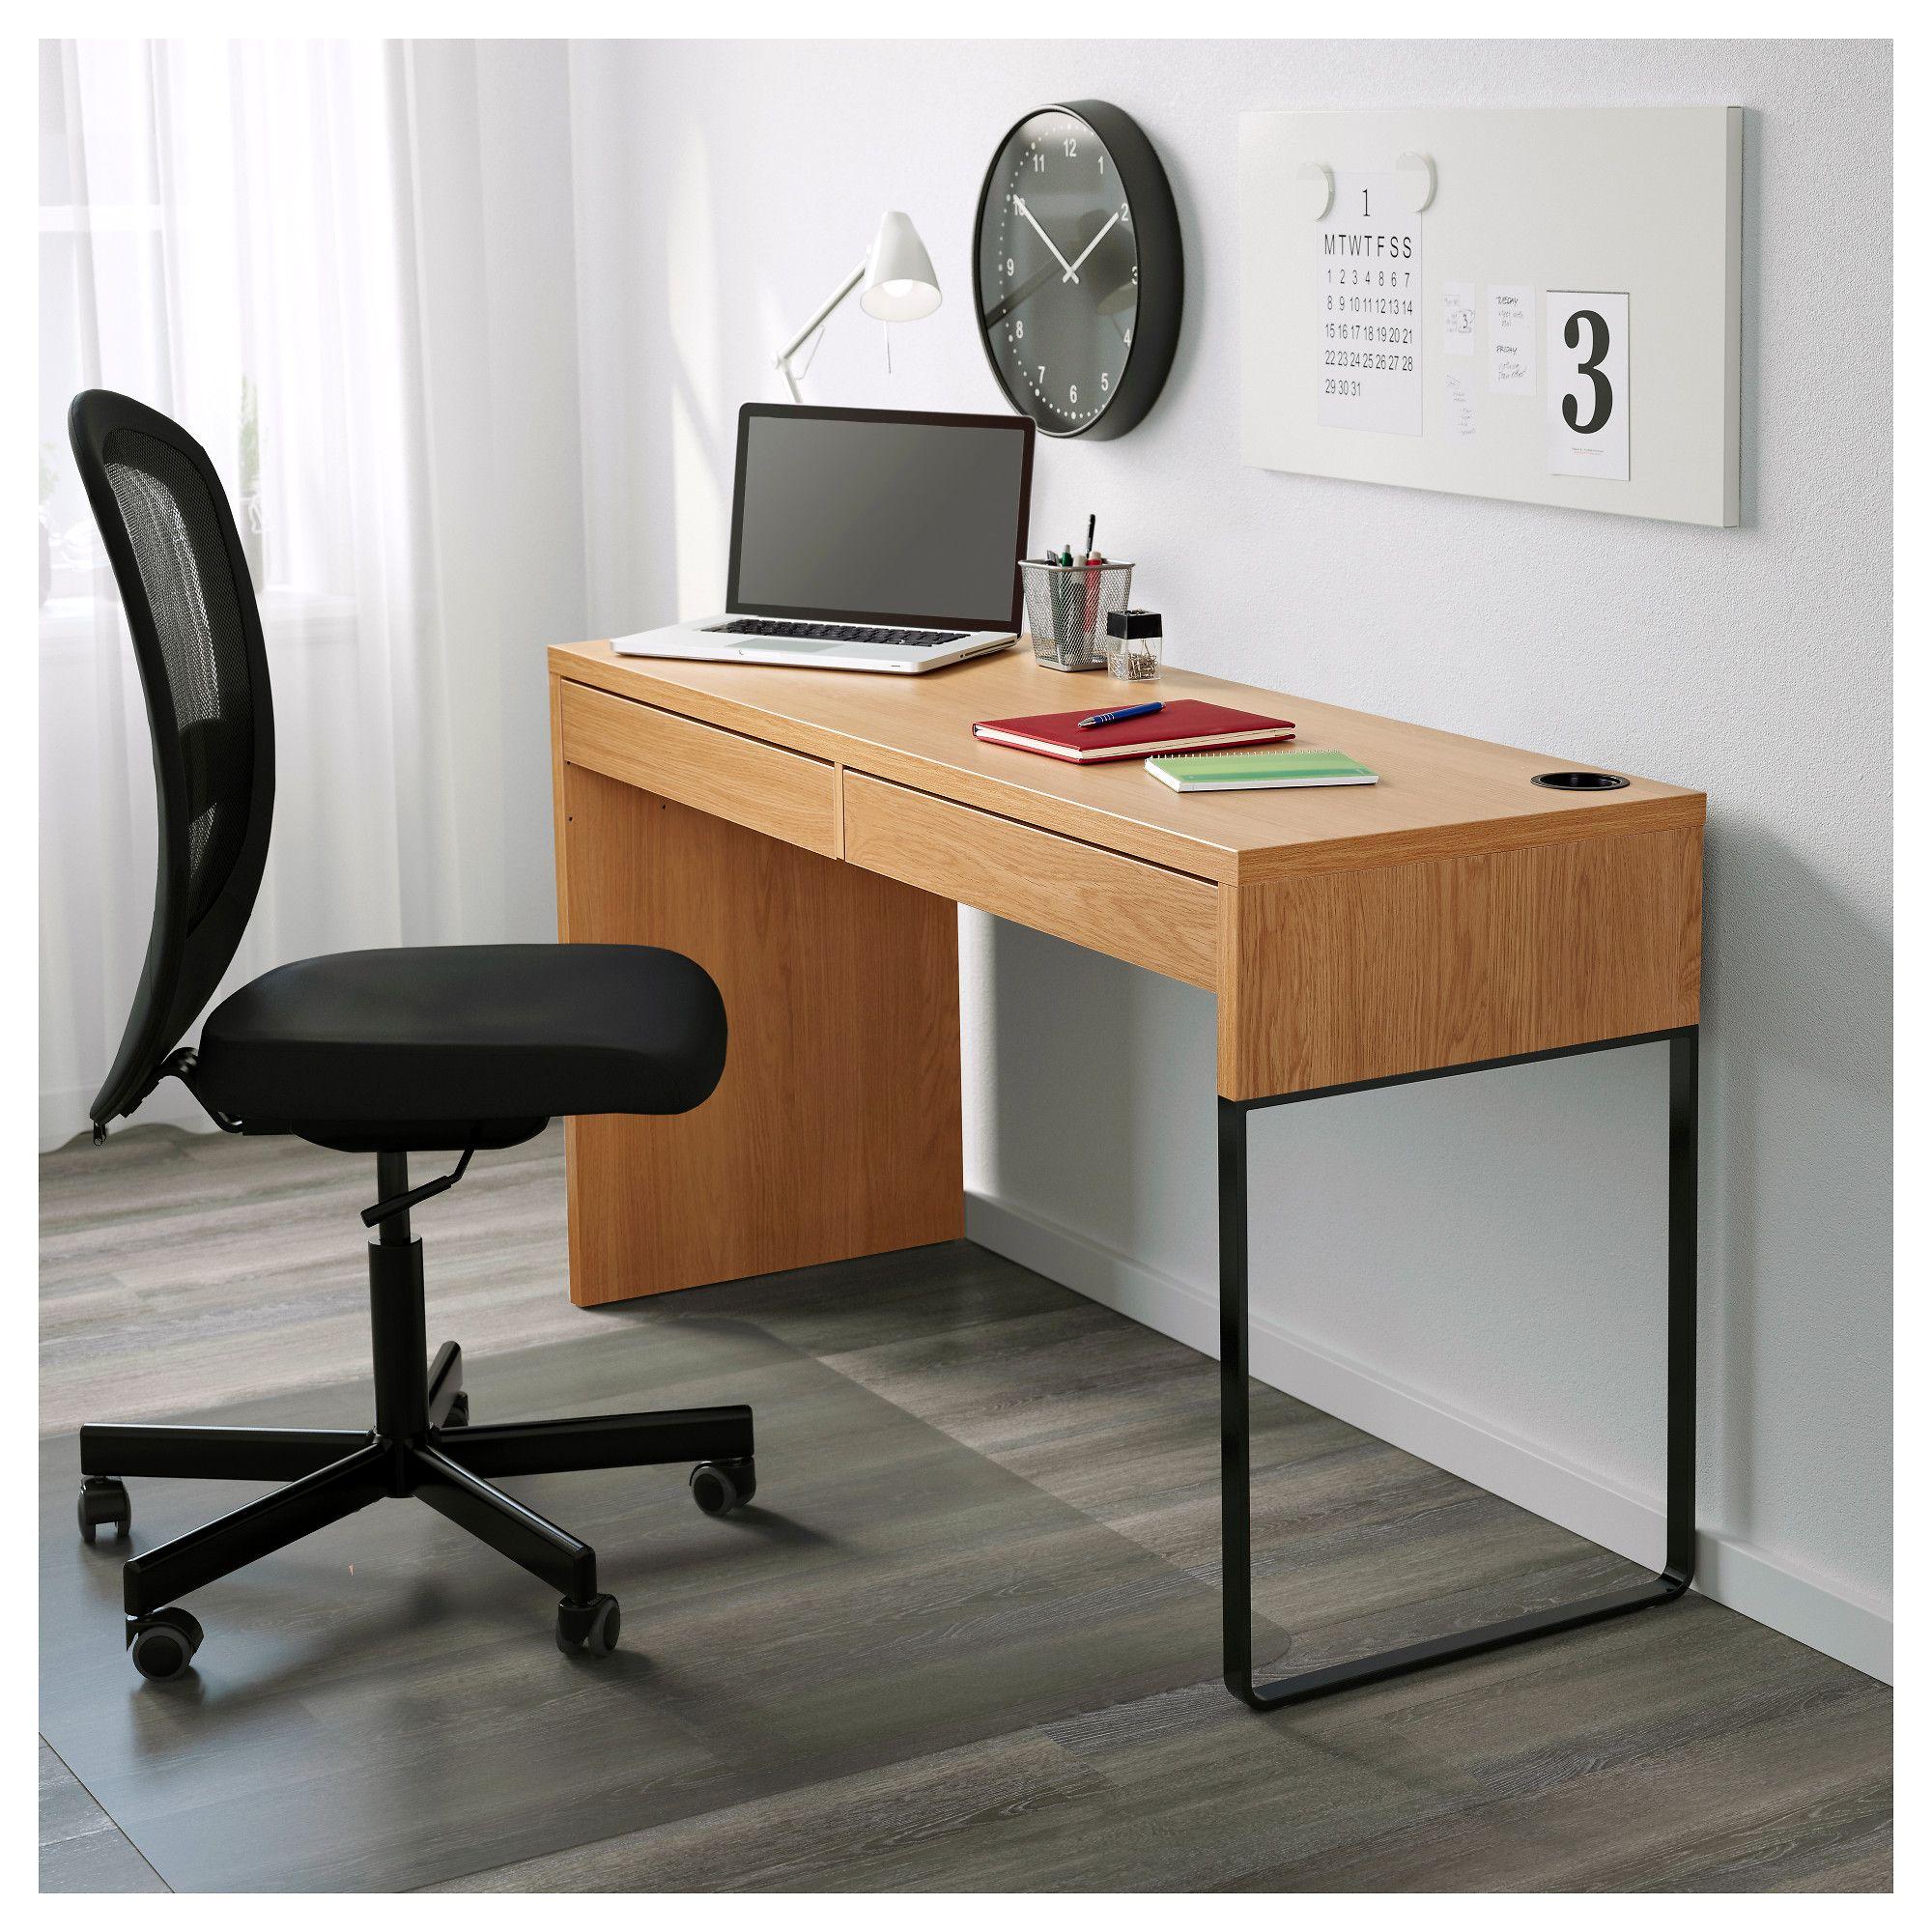 MICKE oak effect, Desk, 33x33 cm - IKEA  Micke desk, Desk, Ikea